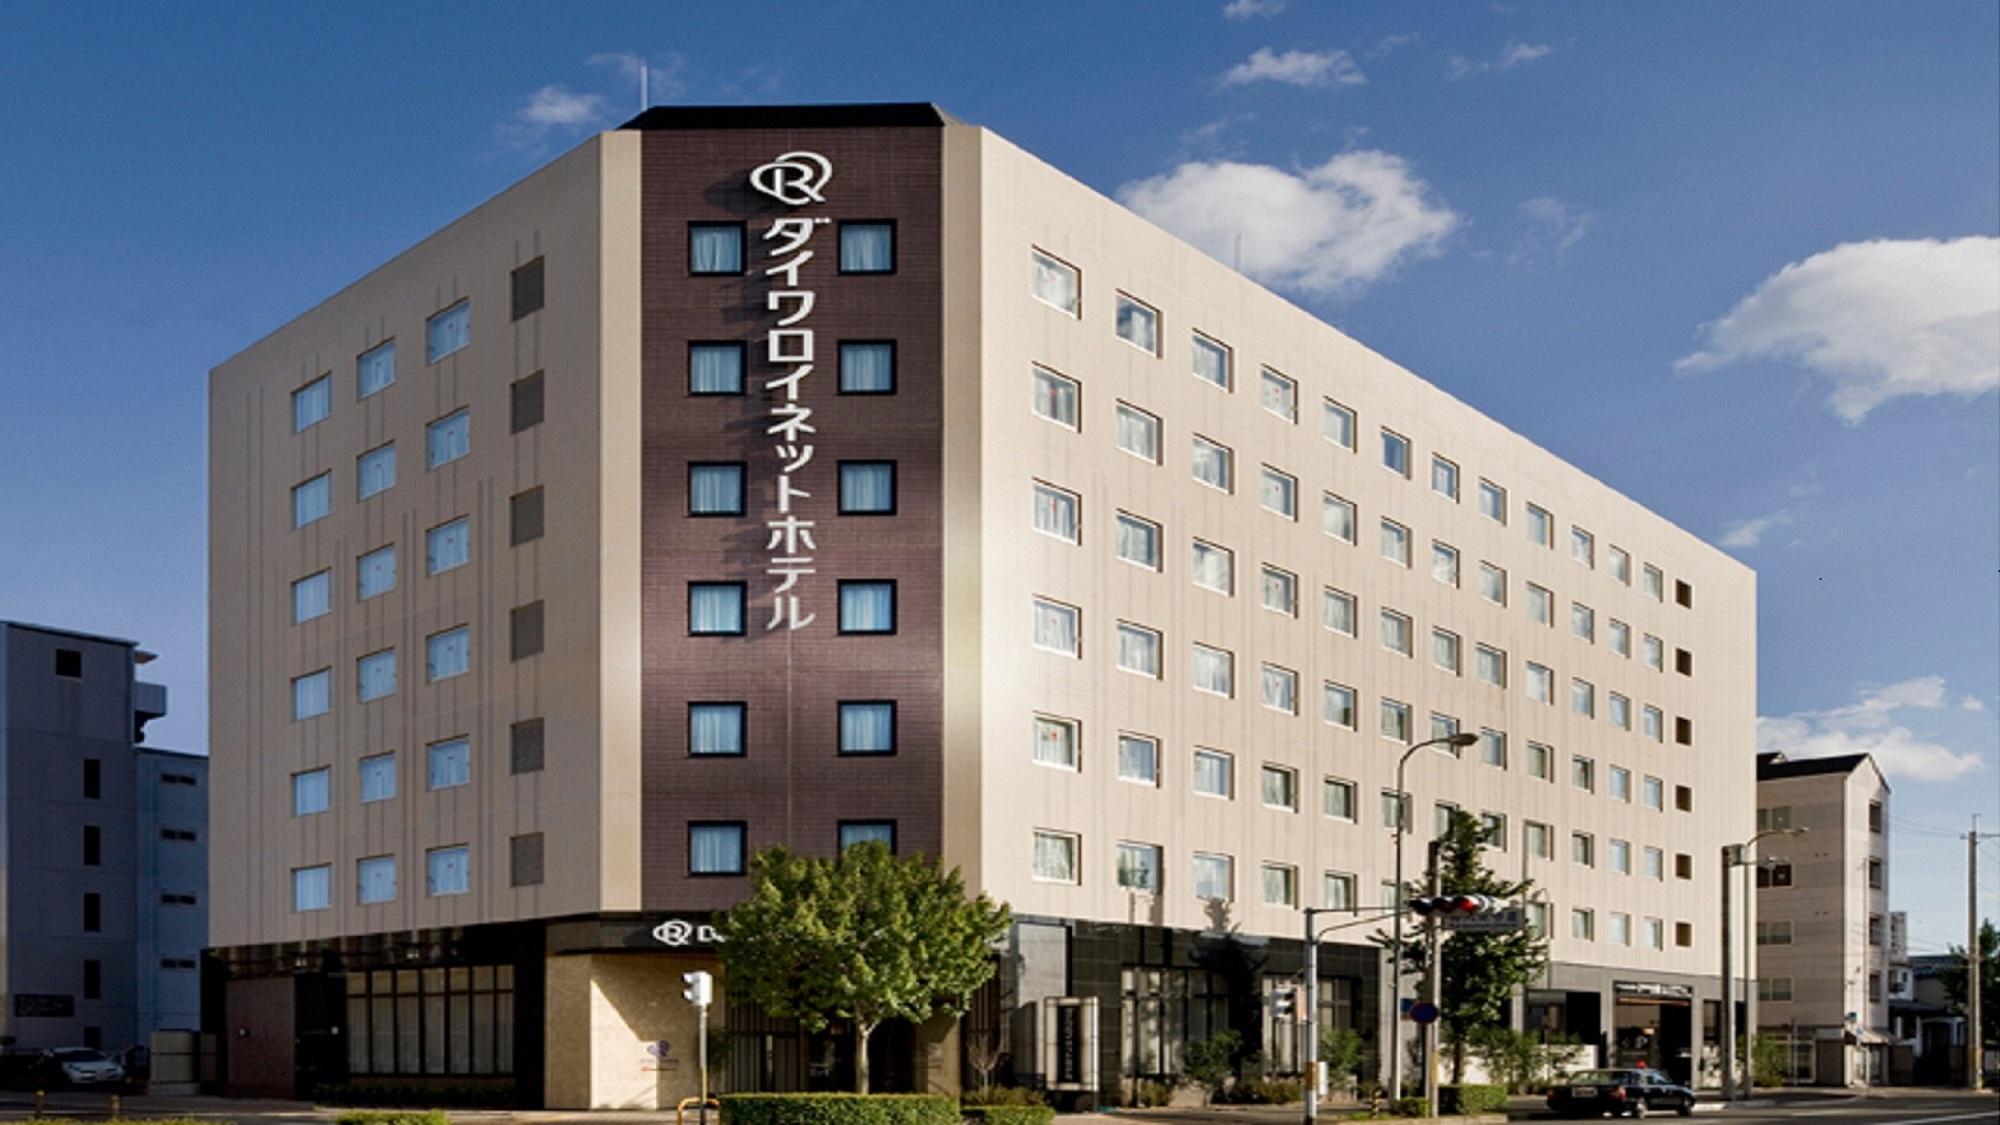 ダイワ ロイネット ホテル 京都八条口◆楽天トラベル